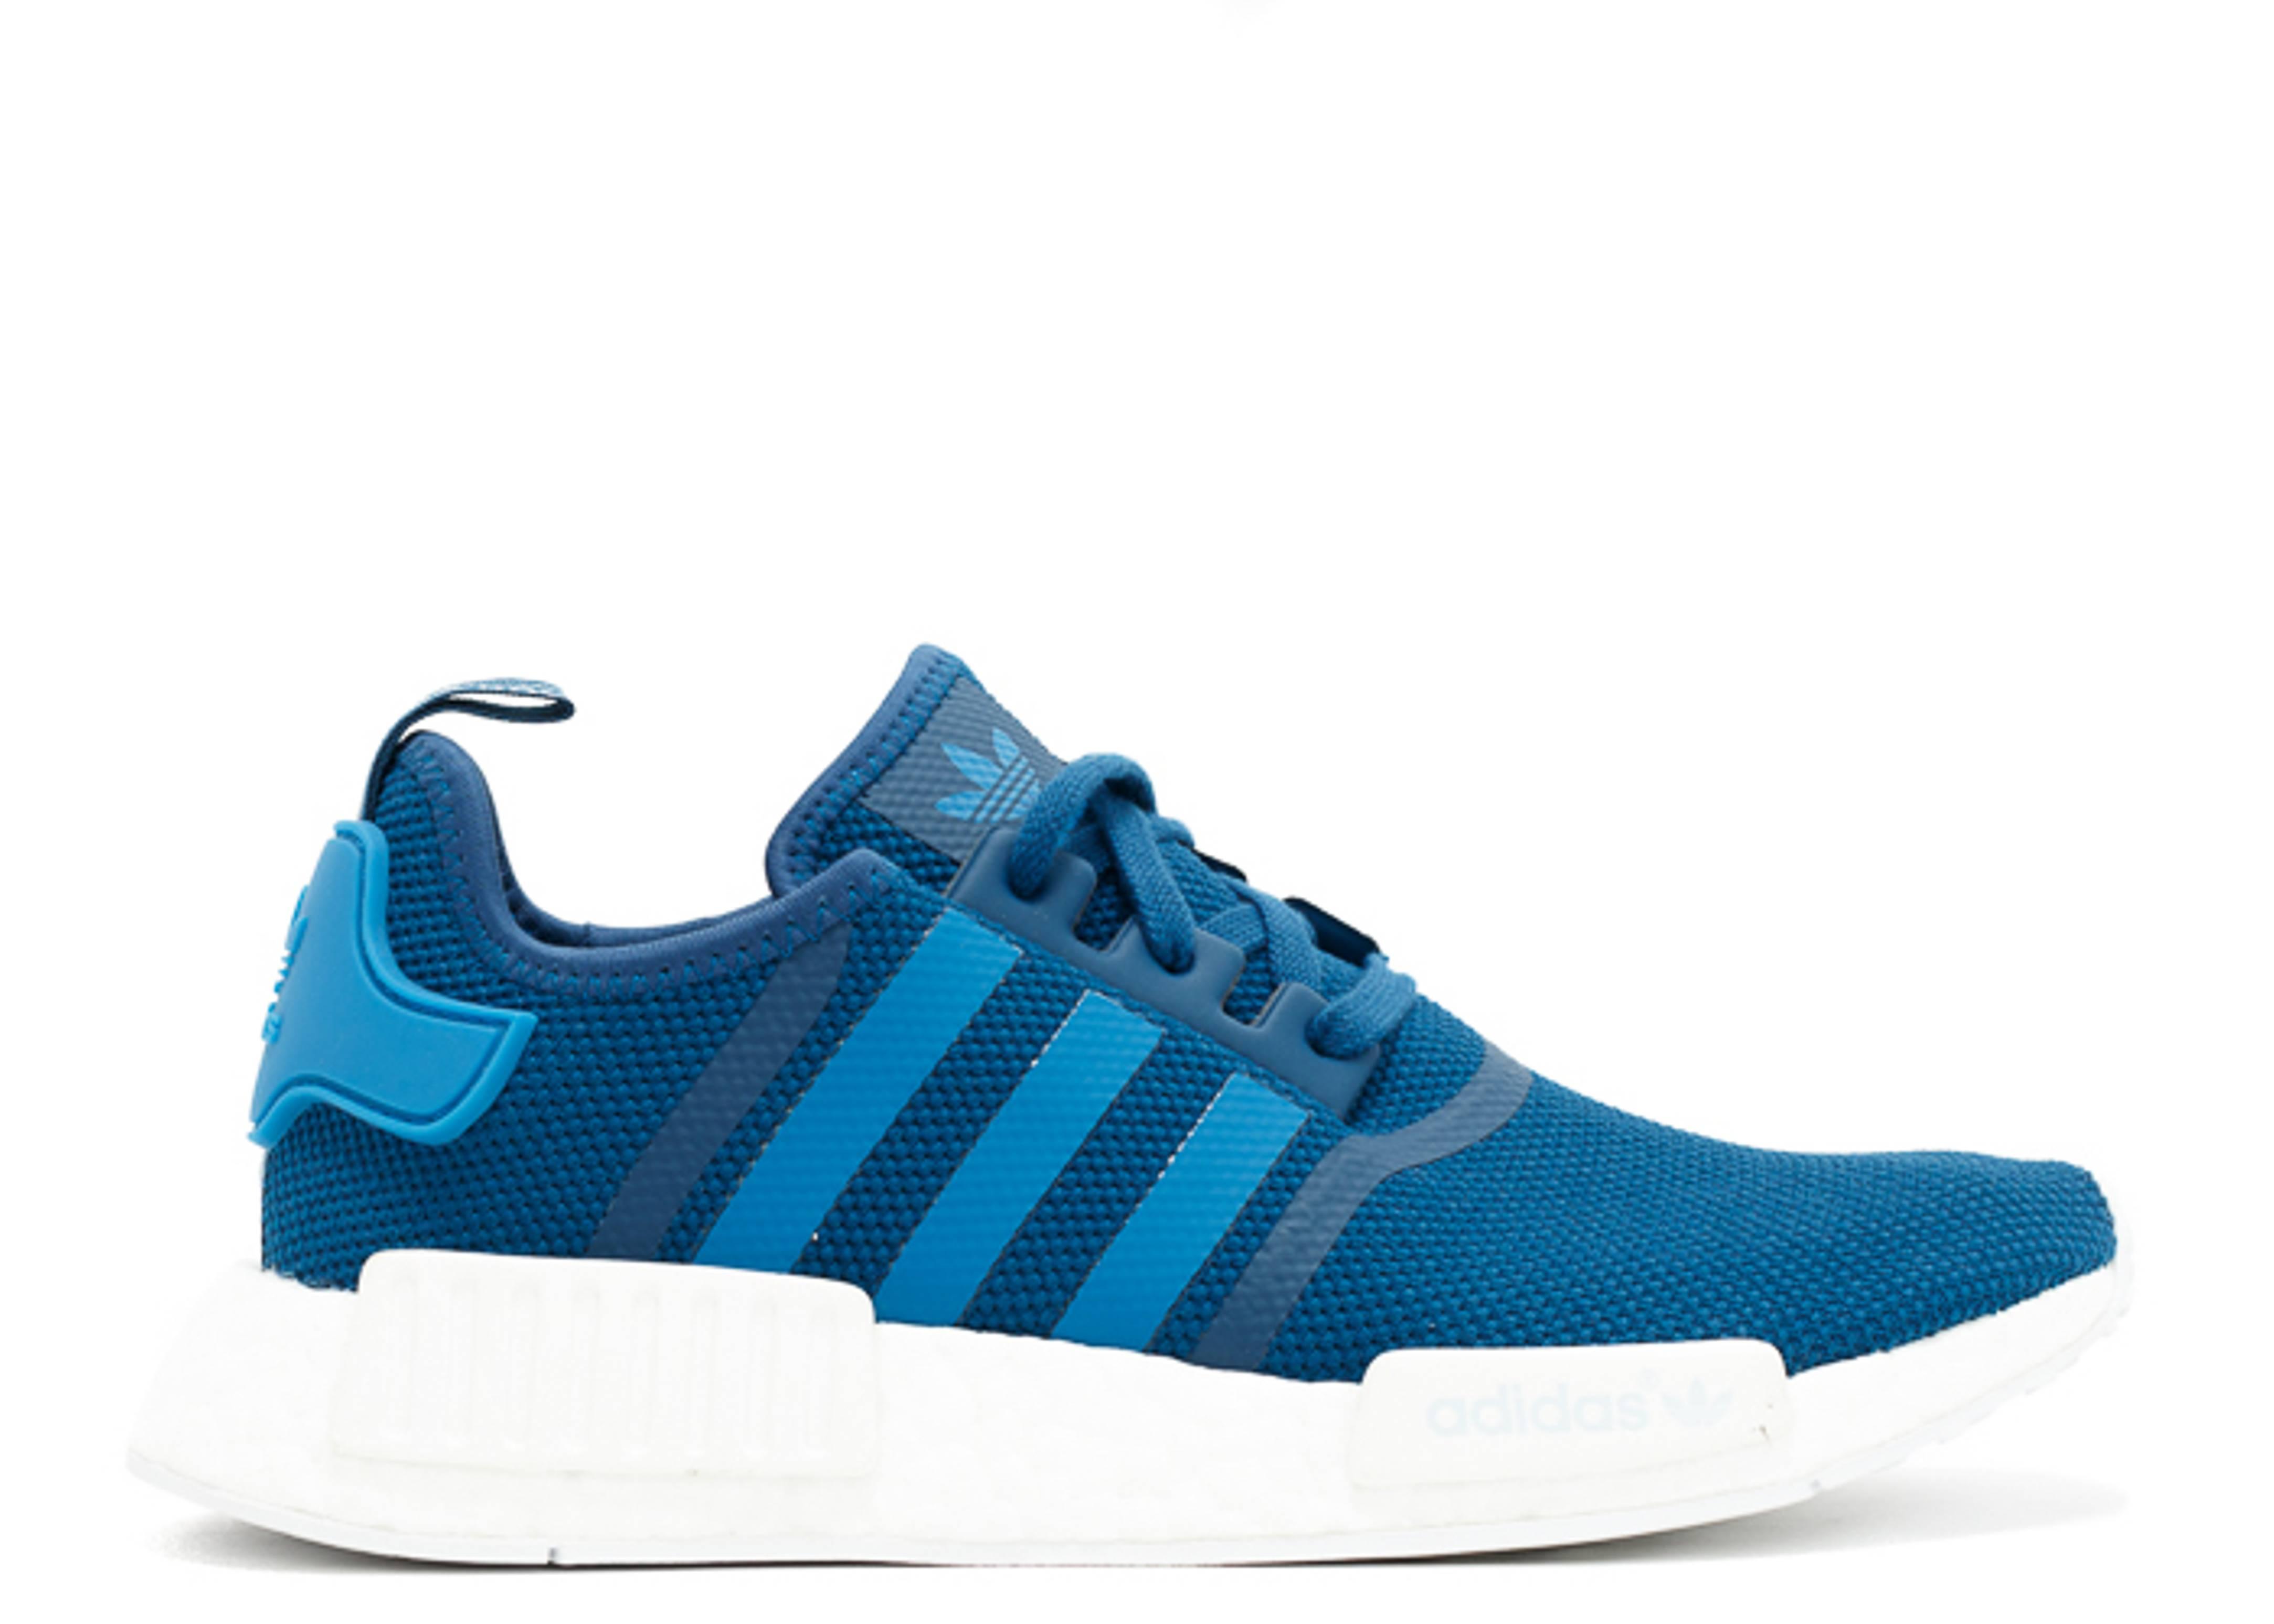 adidas nmd r1 blue